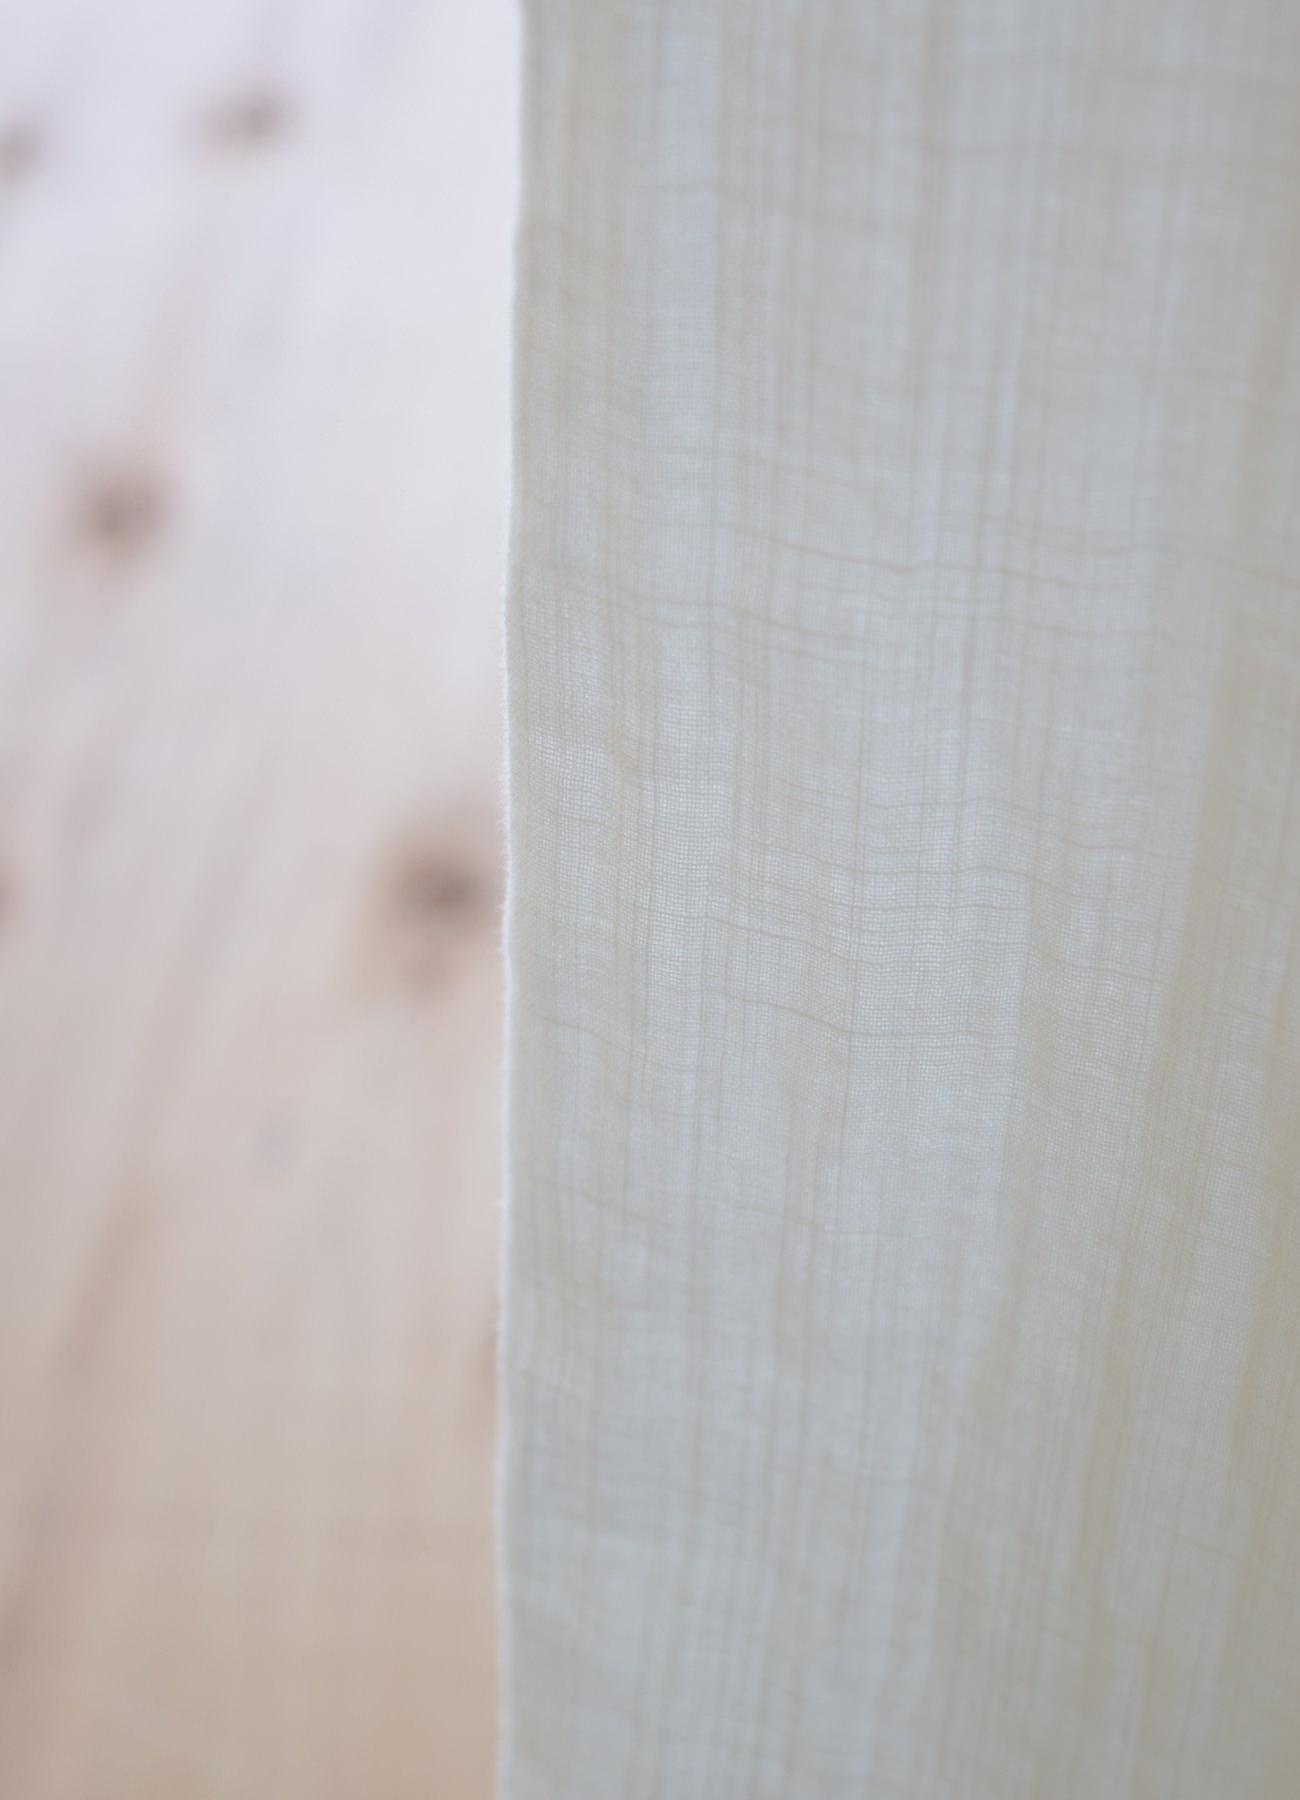 綿カーテン リノコトン④